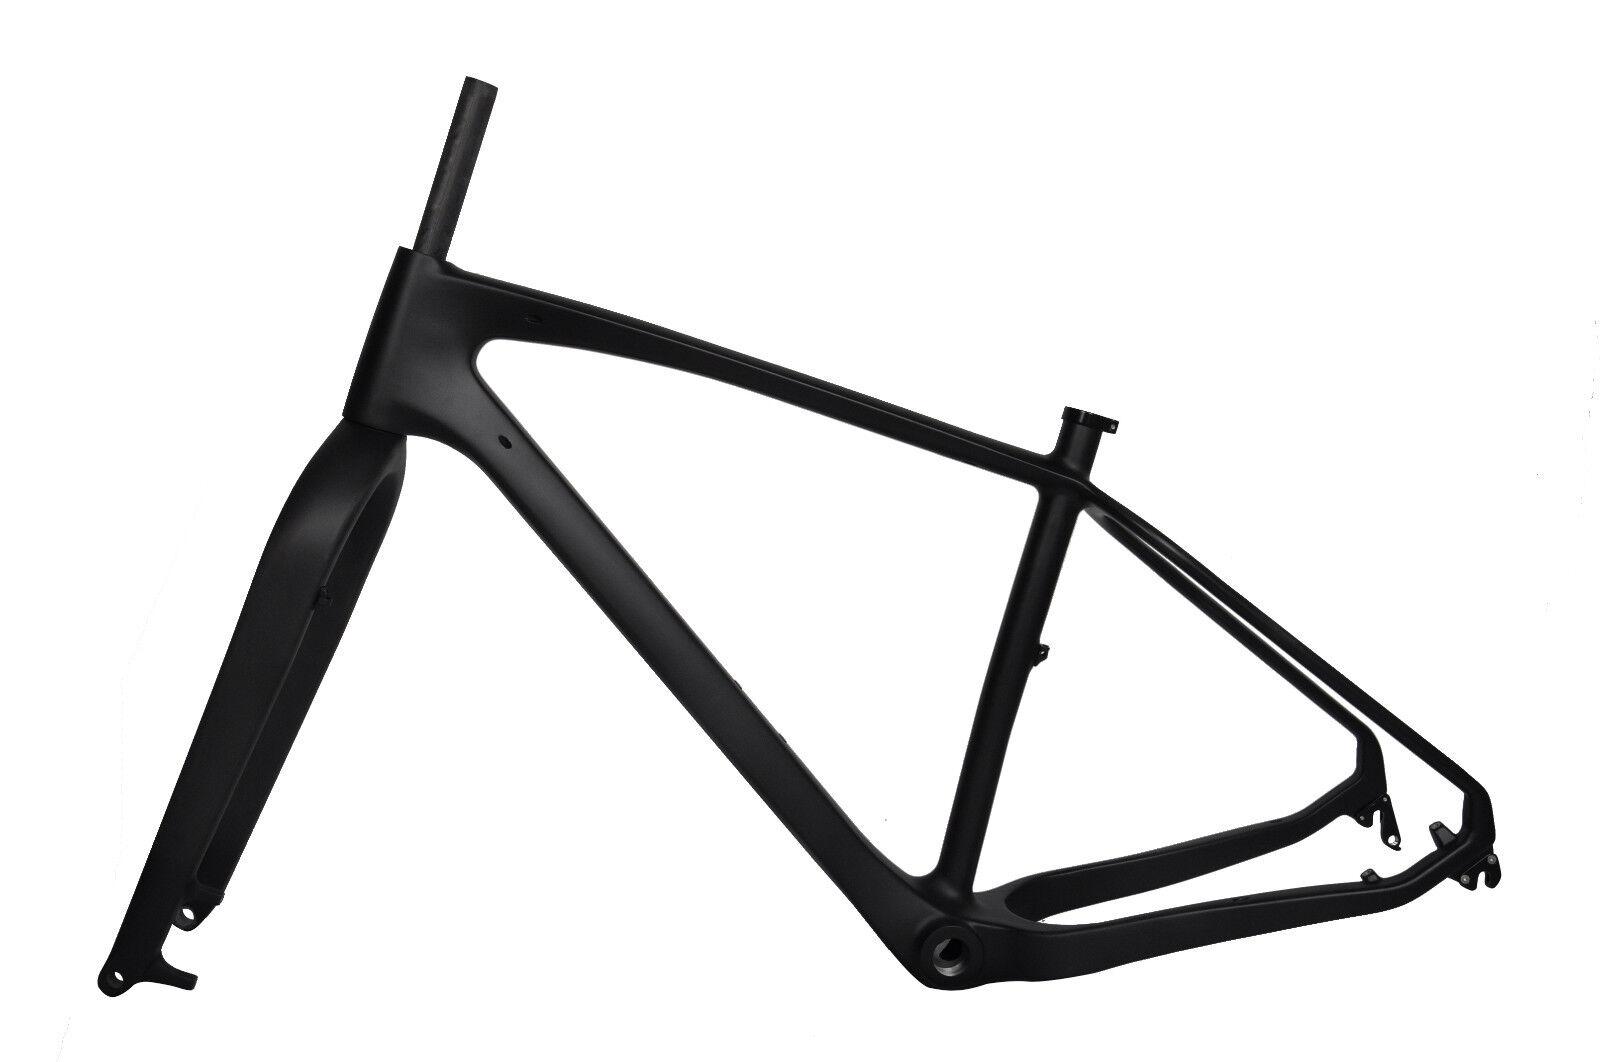 15.5  26er Carbon Fat Bike Frame Fork Snow 150 190 QR BSA UD Matt 4.8  Internal